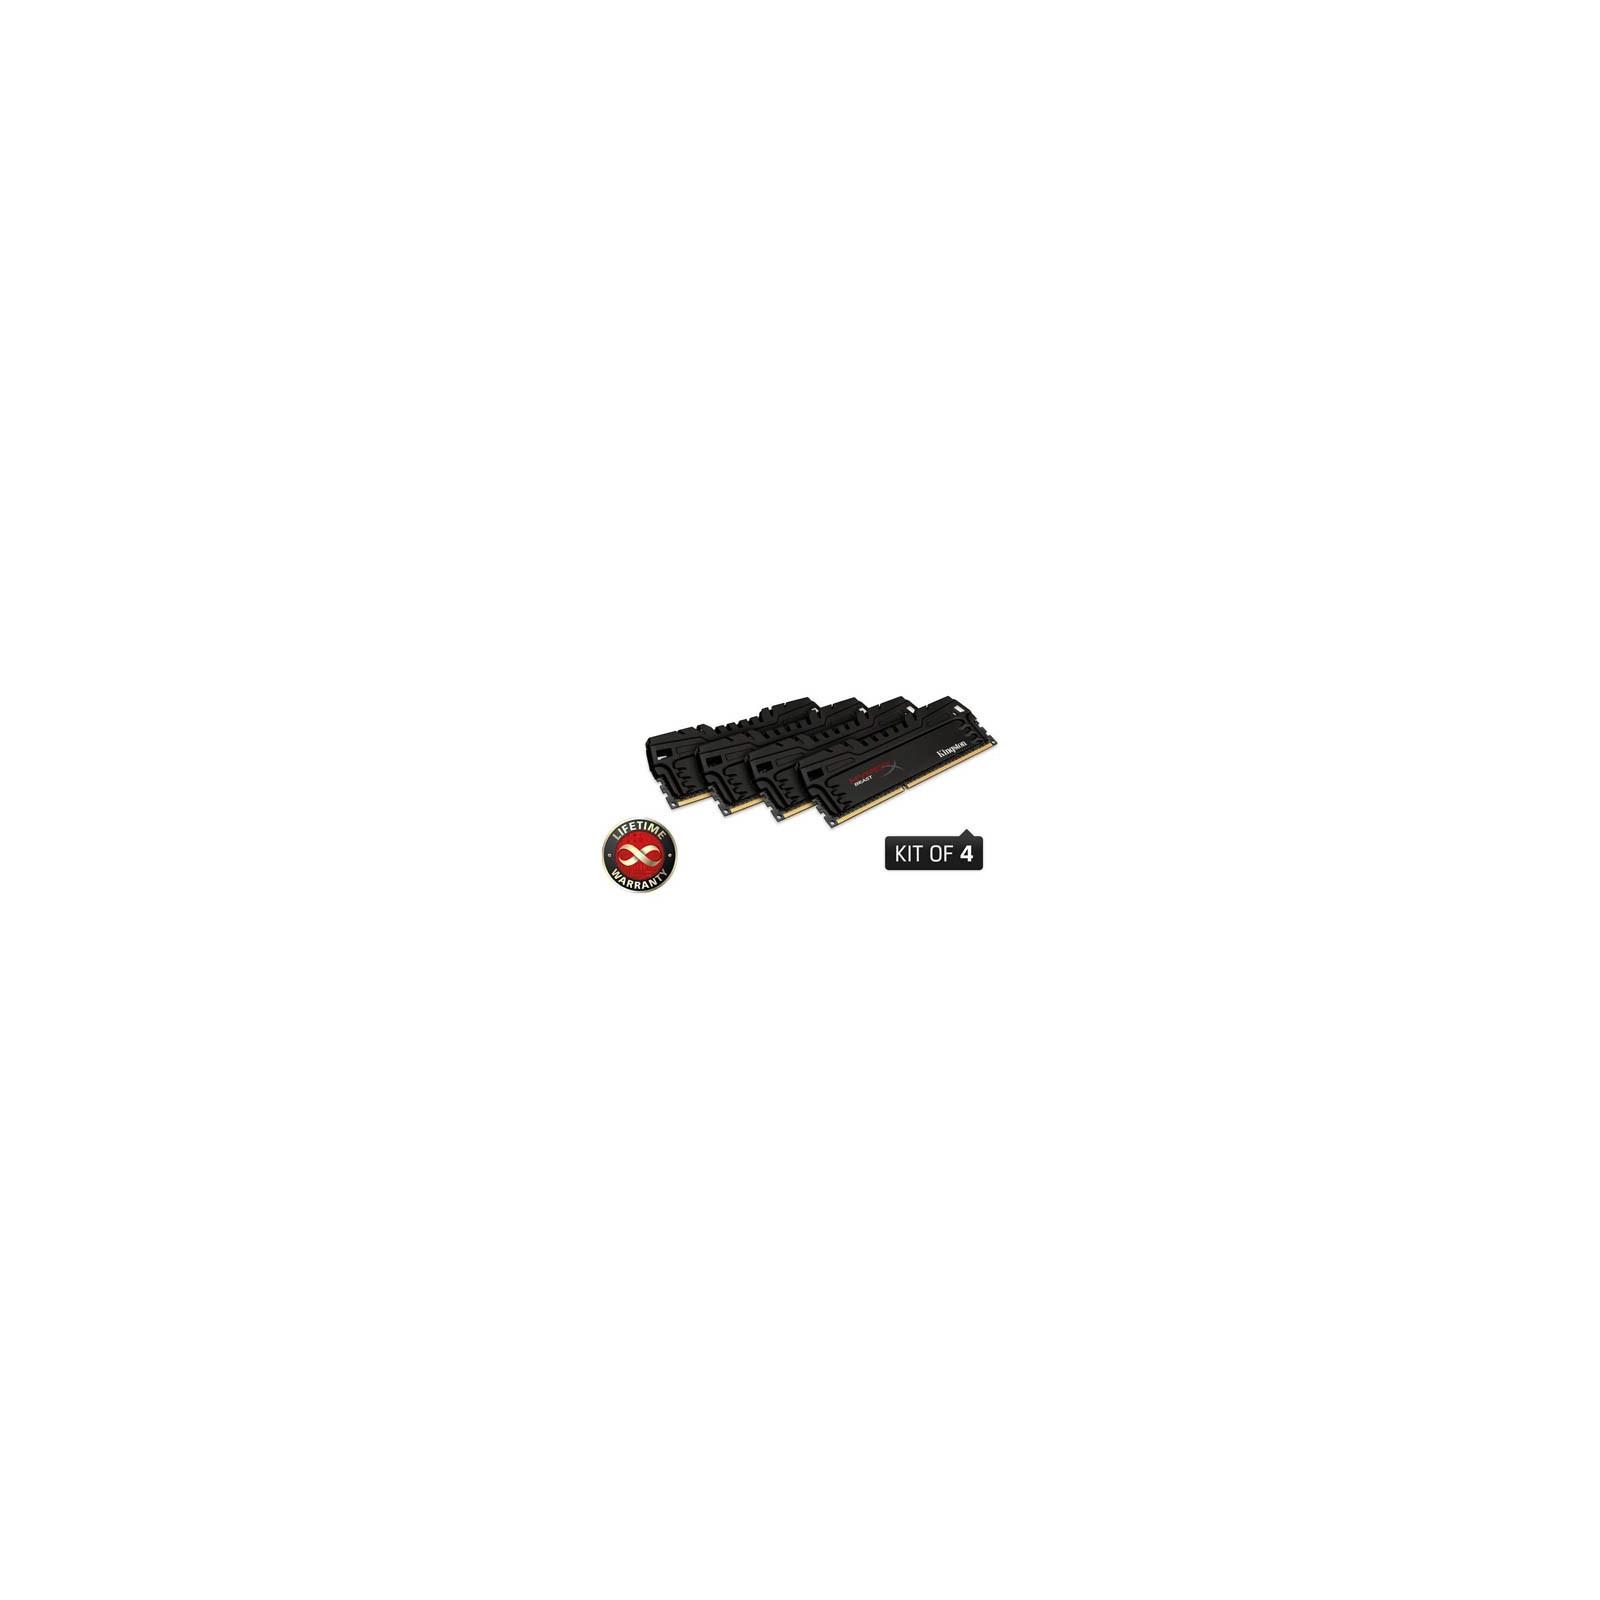 Модуль памяти для компьютера DDR3 32GB (4x8GB) 2133 MHz Kingston (KHX21C11T3K4/32X)